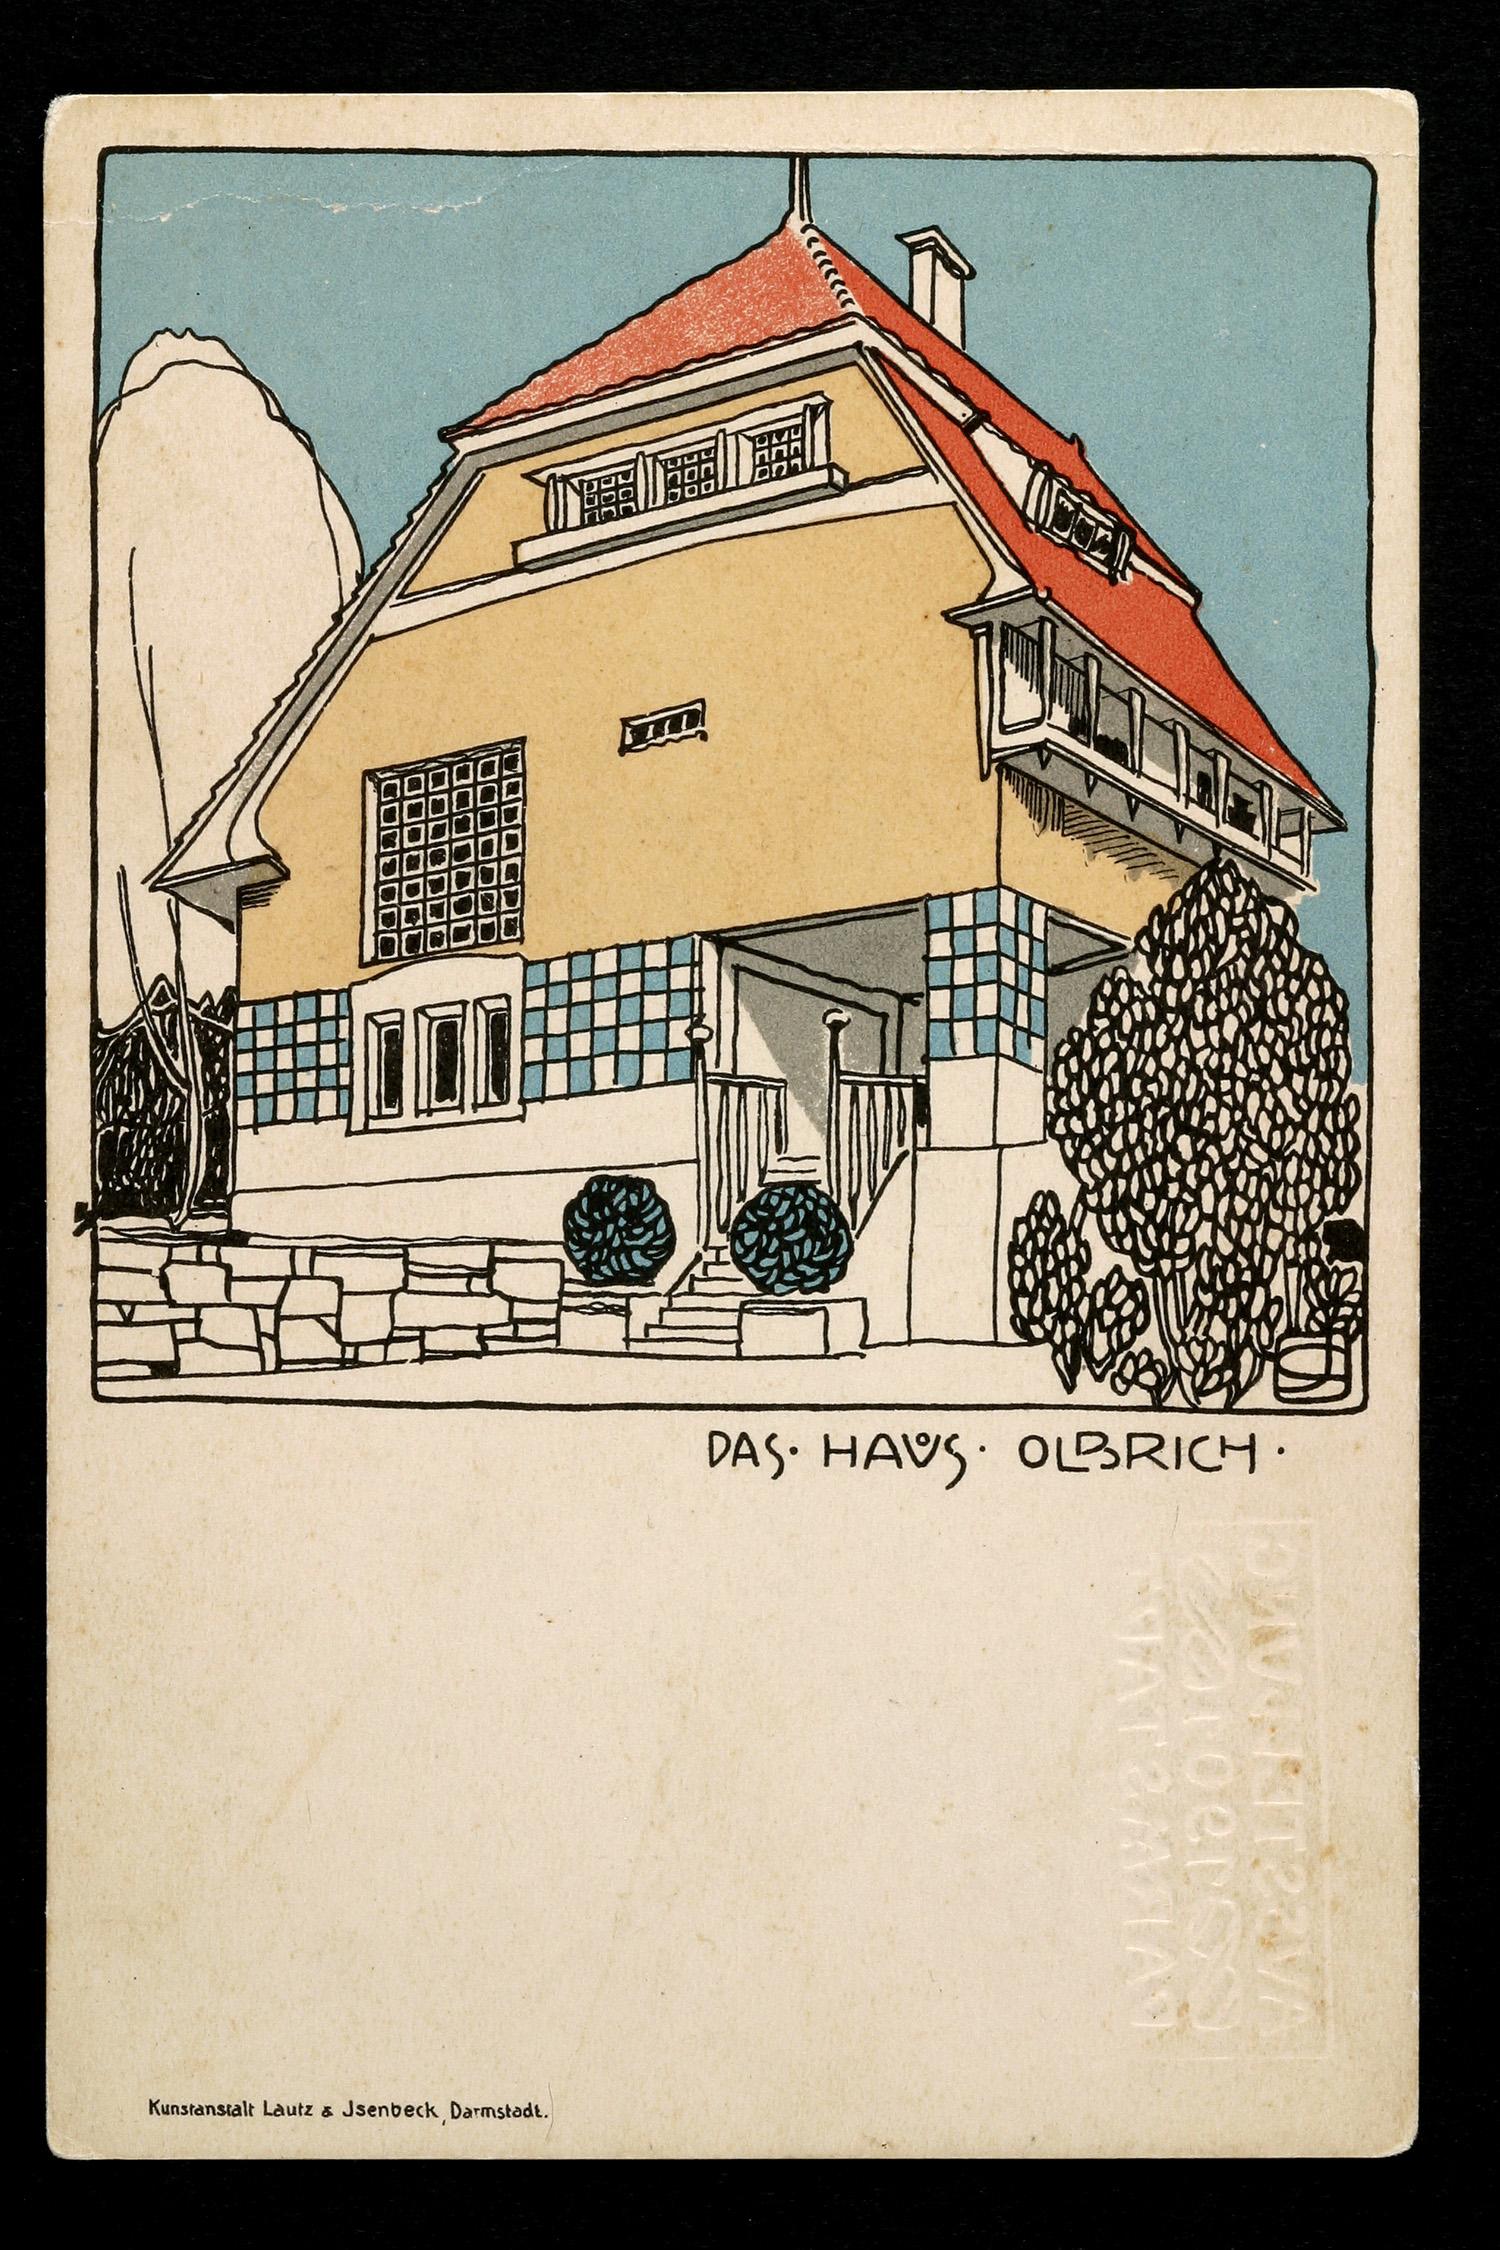 Olbrich_Das Haus